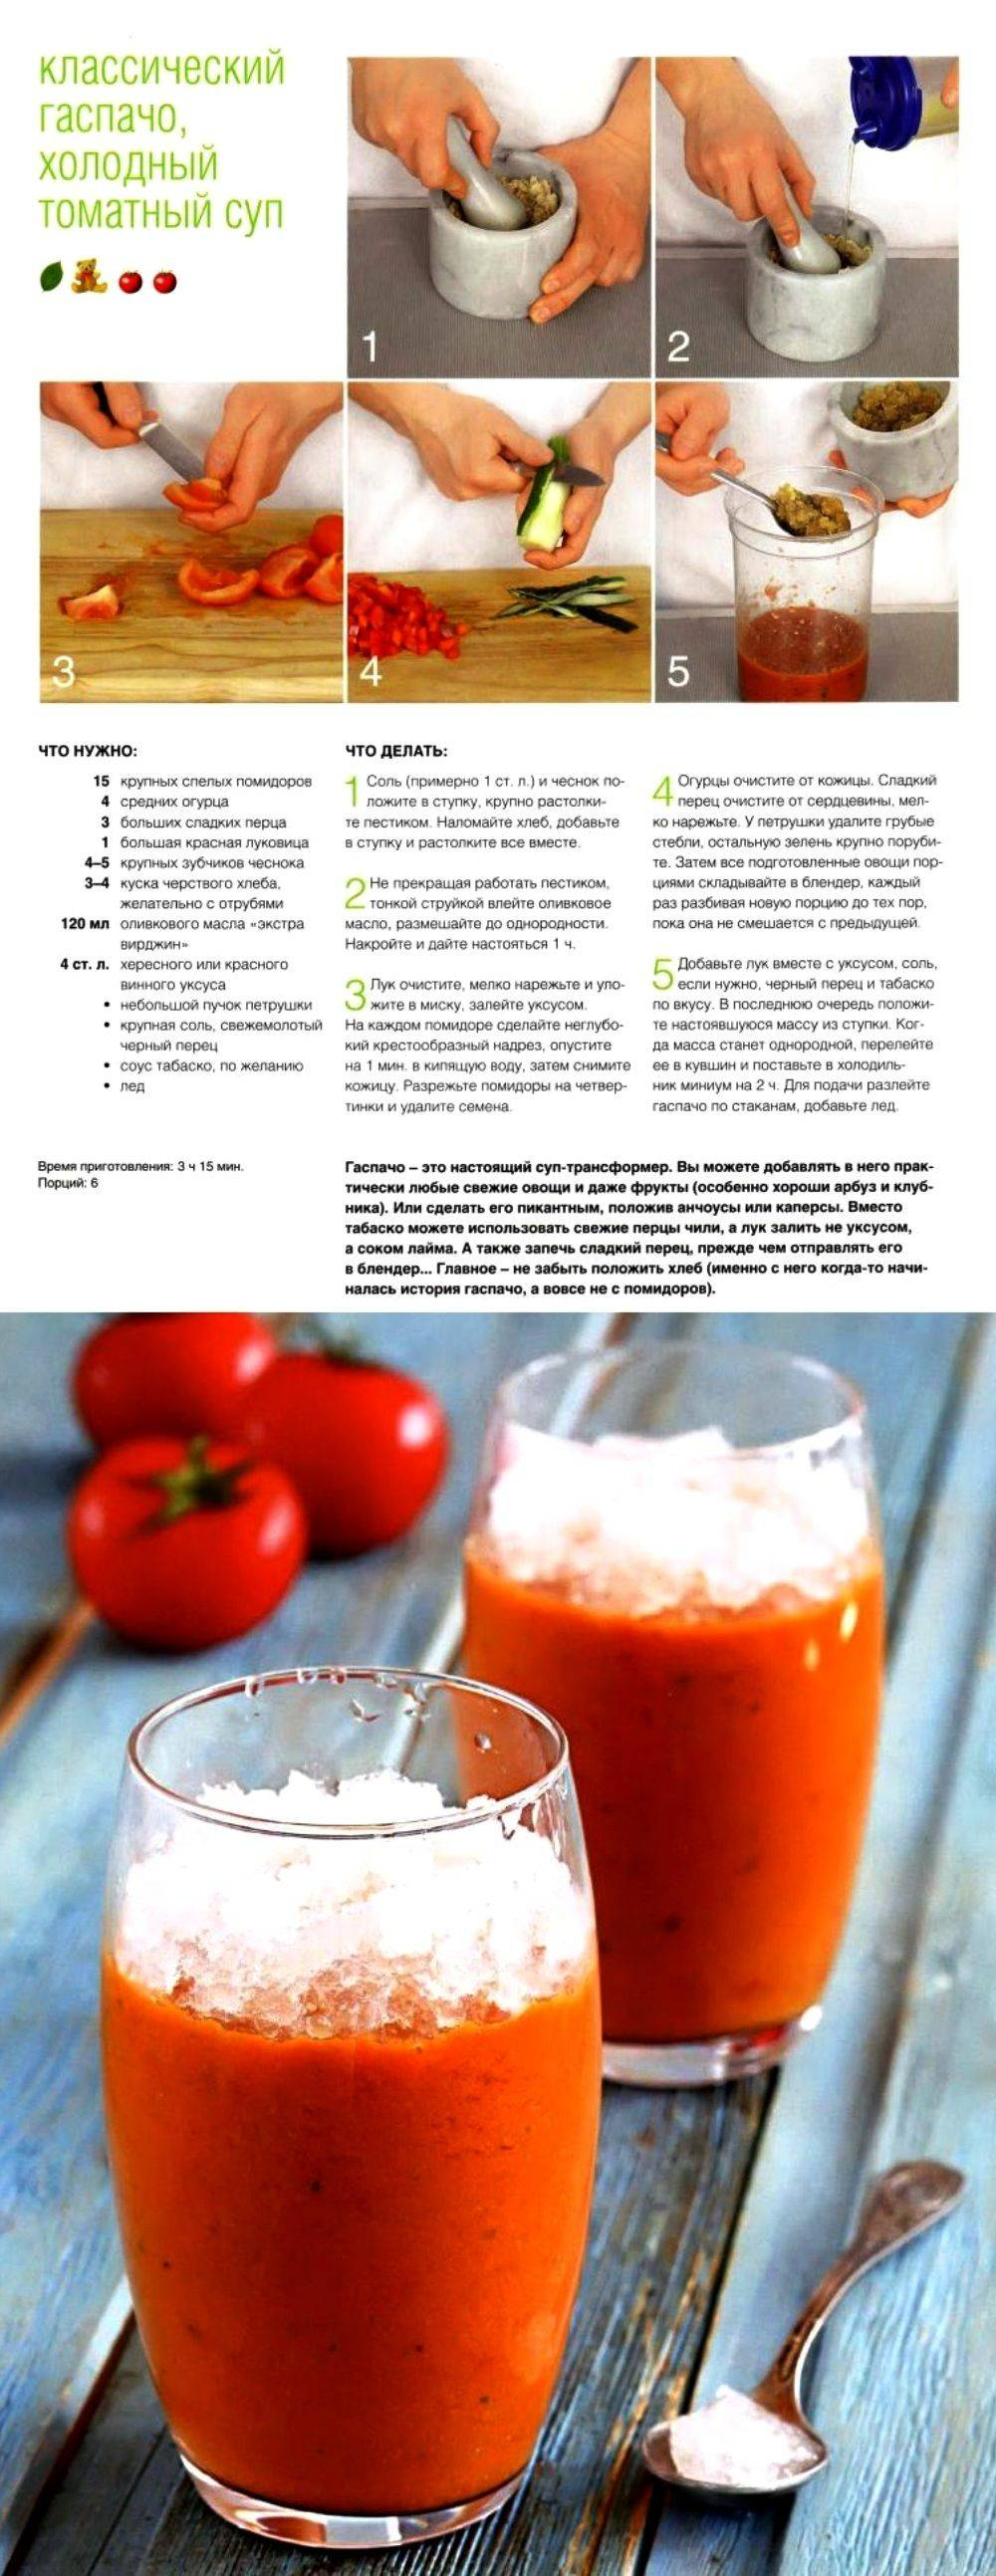 Как приготовить гаспачо с томатной пастой